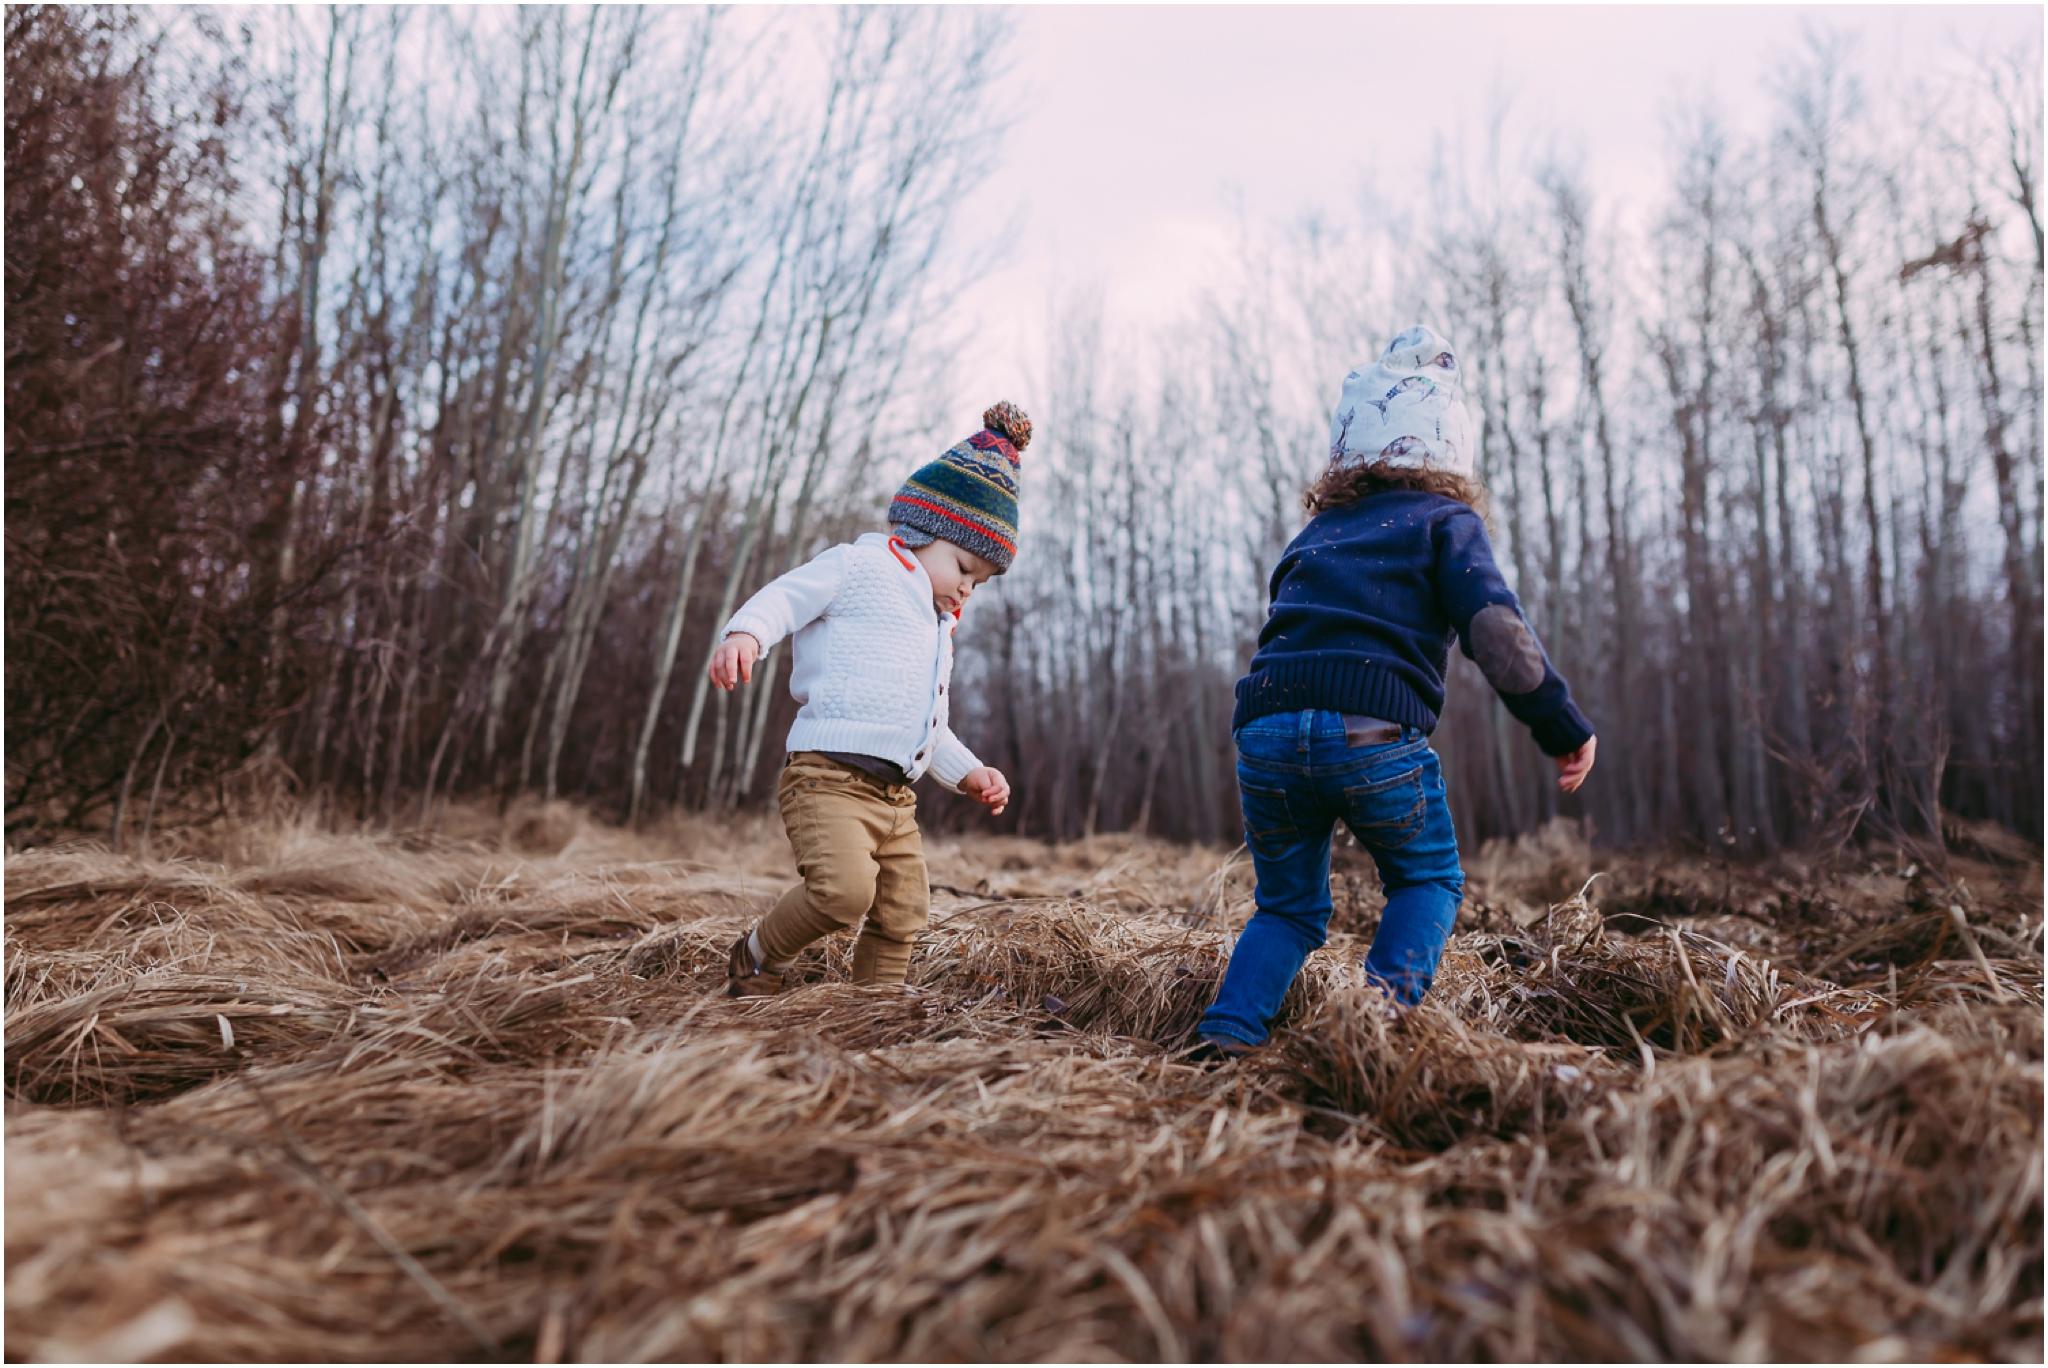 Edmonton Lifestyle Photographer - Best of 2016 - Autumn - Brothers - Outdoor Adventure - YEG